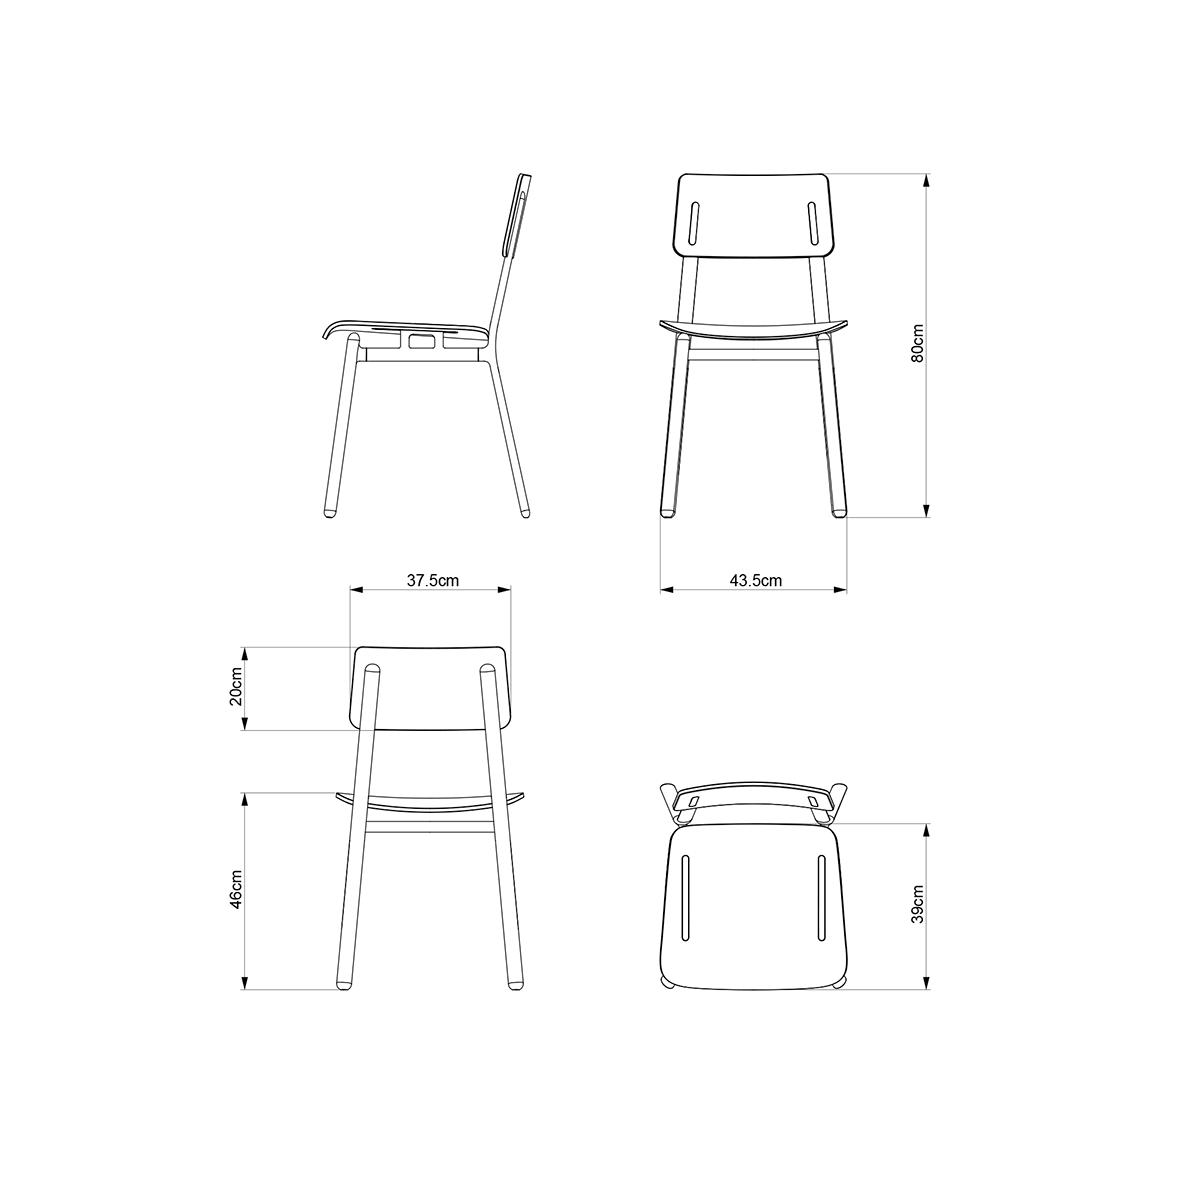 凳子制作图纸